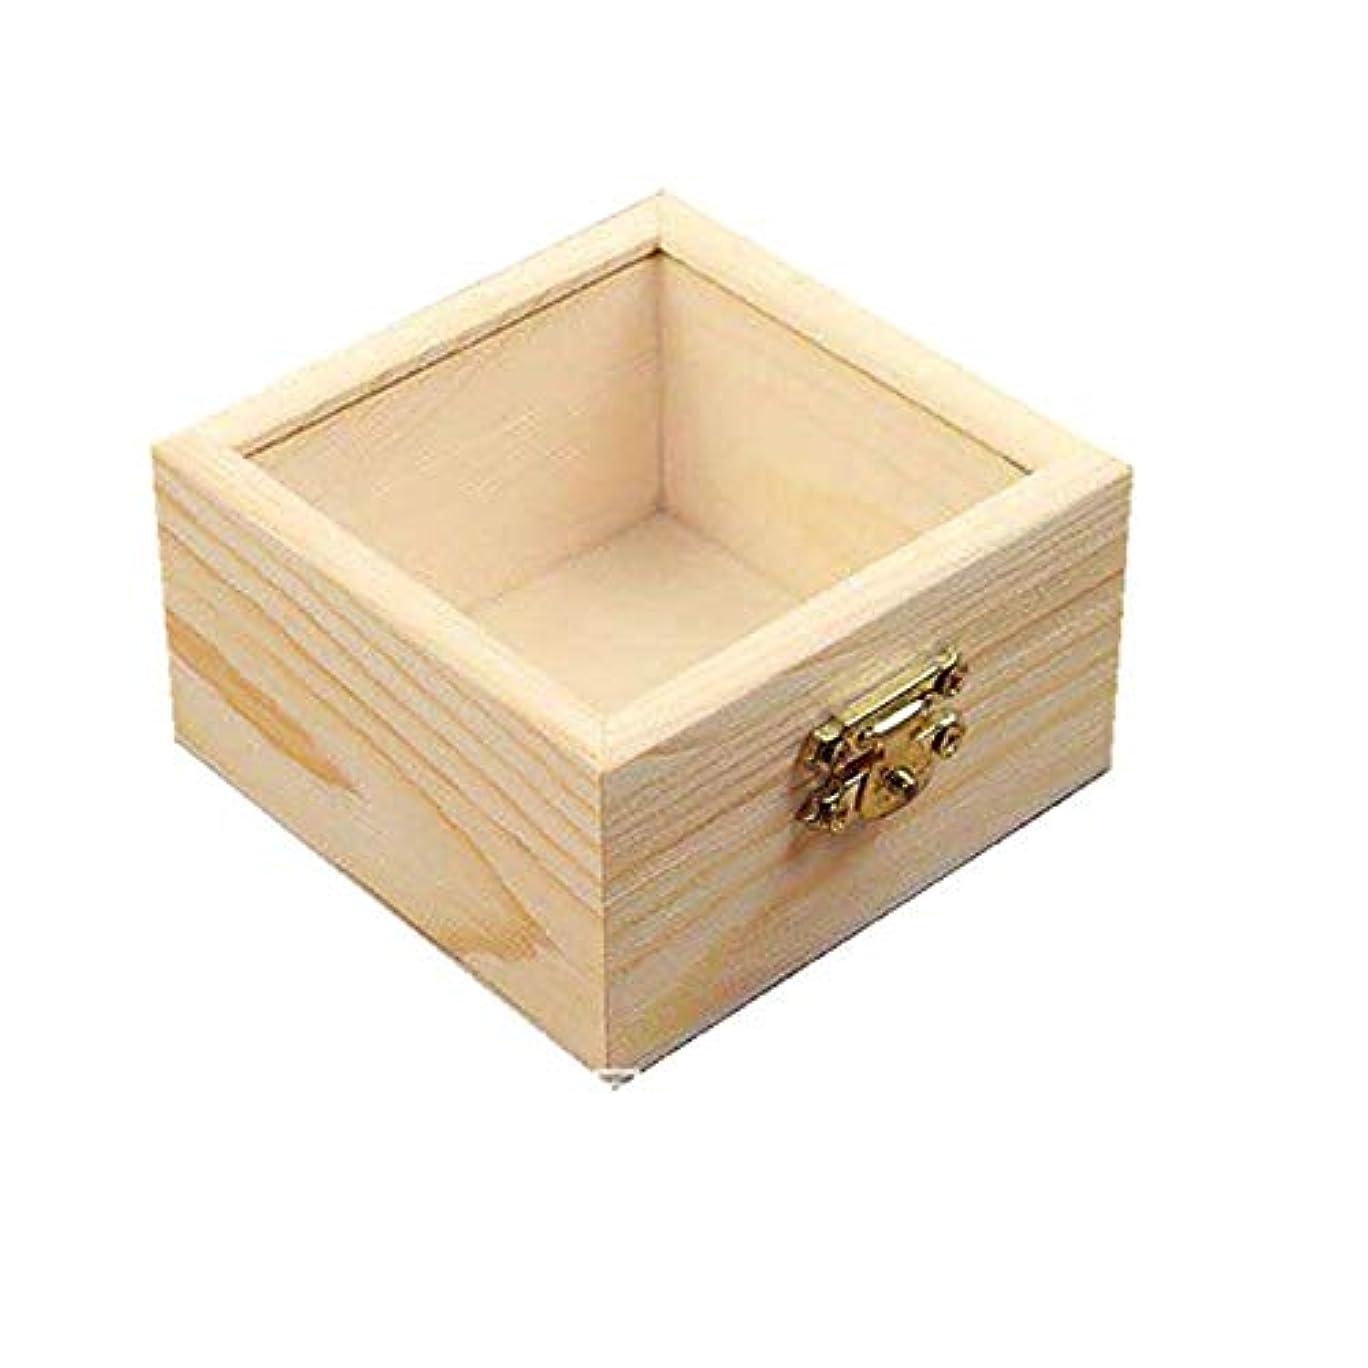 ヨーロッパ貧困情緒的エッセンシャルオイルストレージボックス 木製のエッセンシャルオイルは、プレゼンテーションのために完璧なエッセンシャルオイルケースはBox 旅行およびプレゼンテーション用 (色 : Natural, サイズ : 8.5X8.5X5CM)